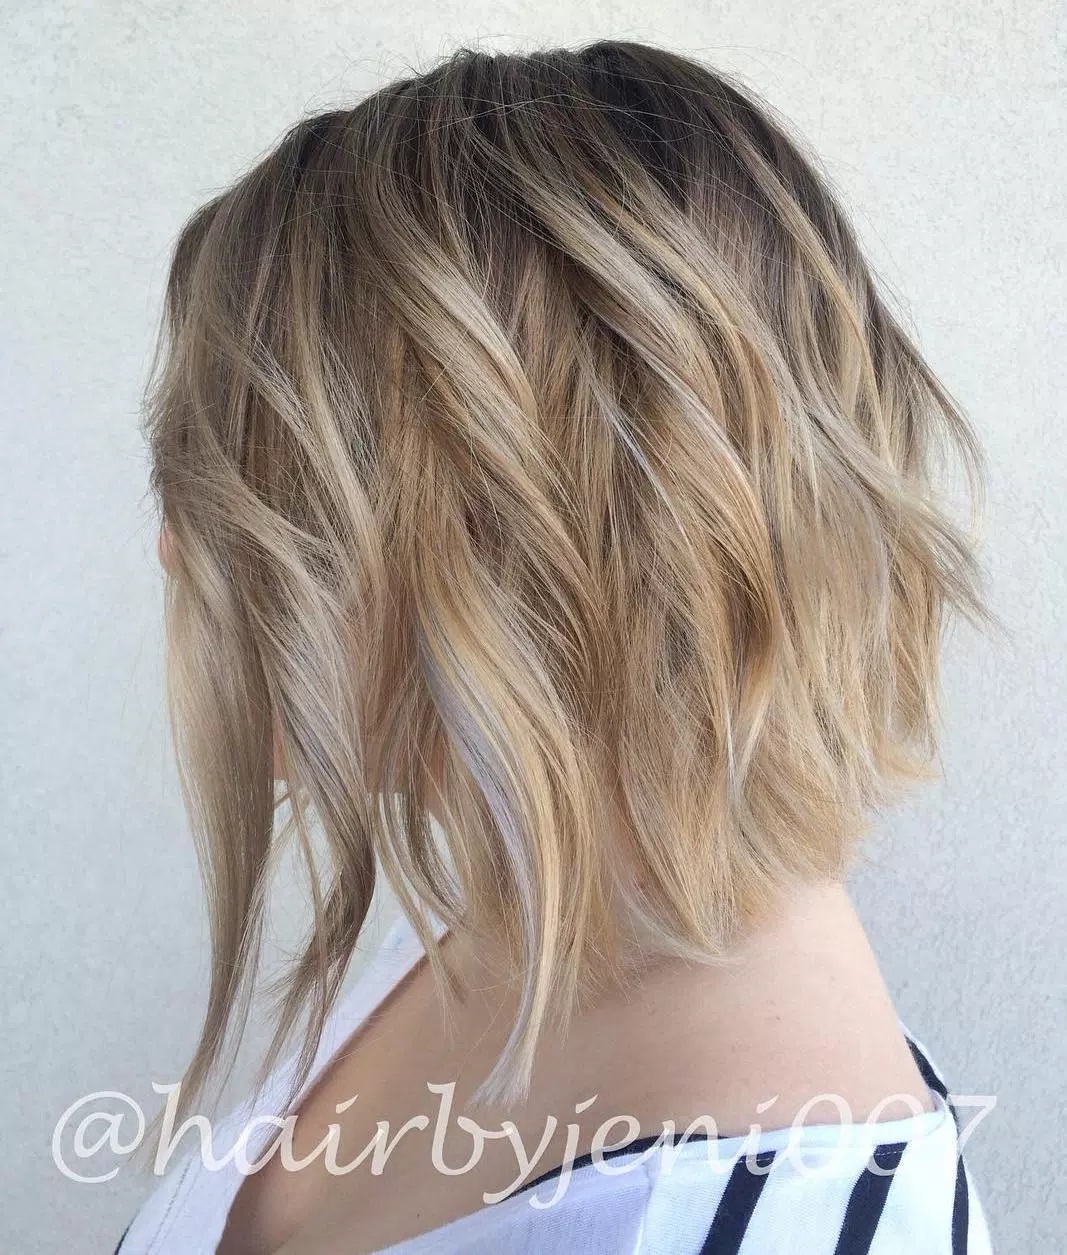 les-meilleurs-styles-e-cheveux-9